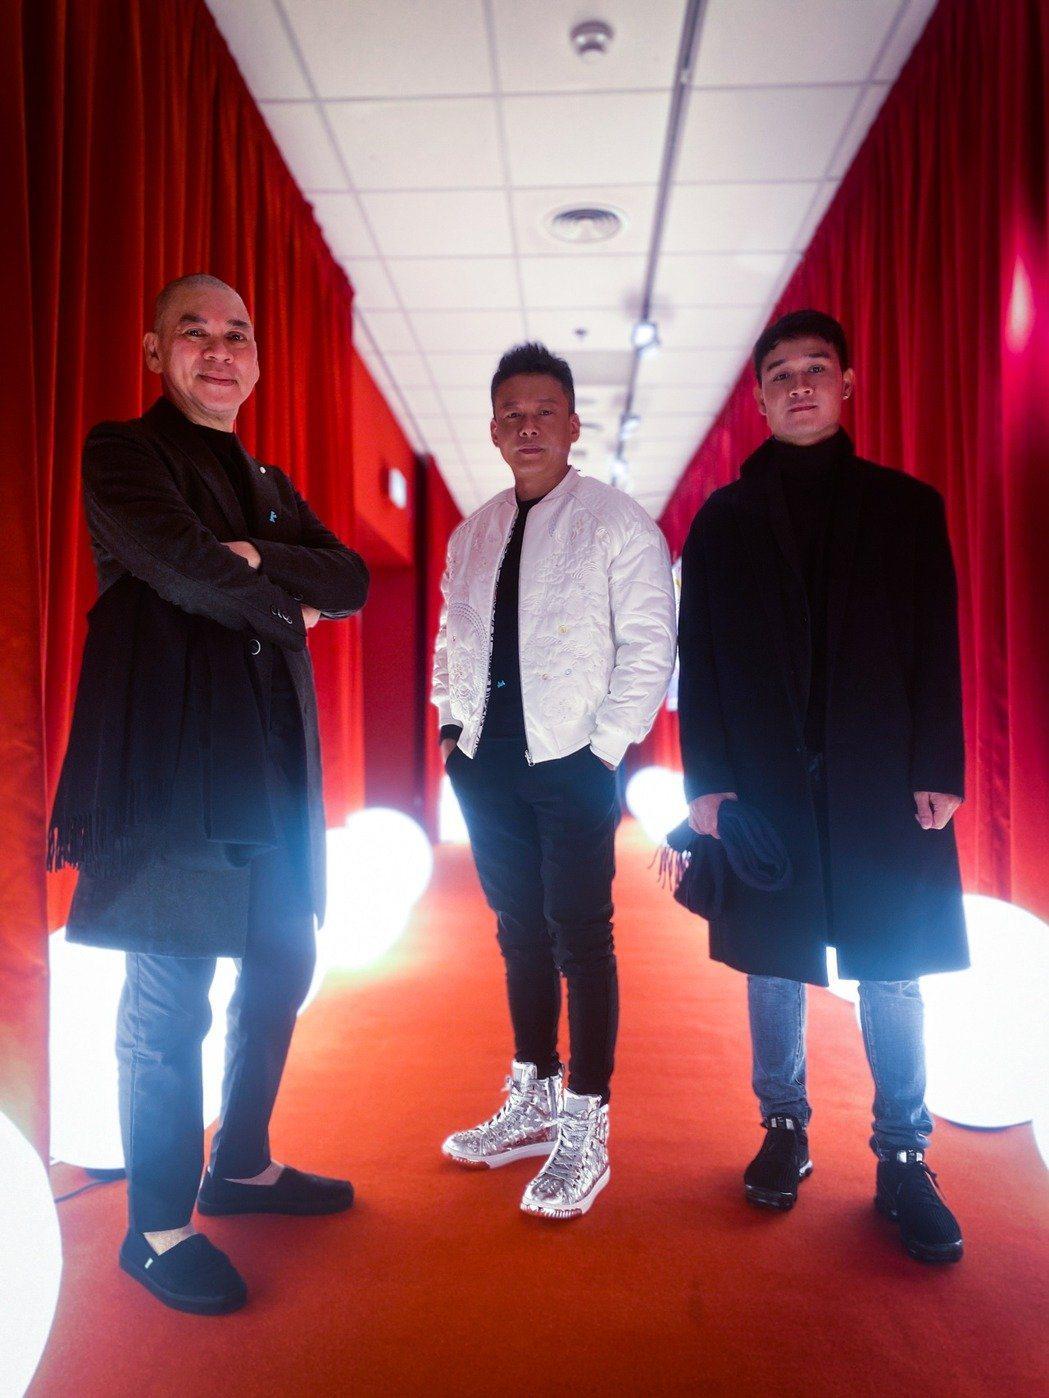 蔡明亮(左起)、李康生、亞儂弘尚希日前才出席柏林影展活動。圖/汯呄霖電影提供